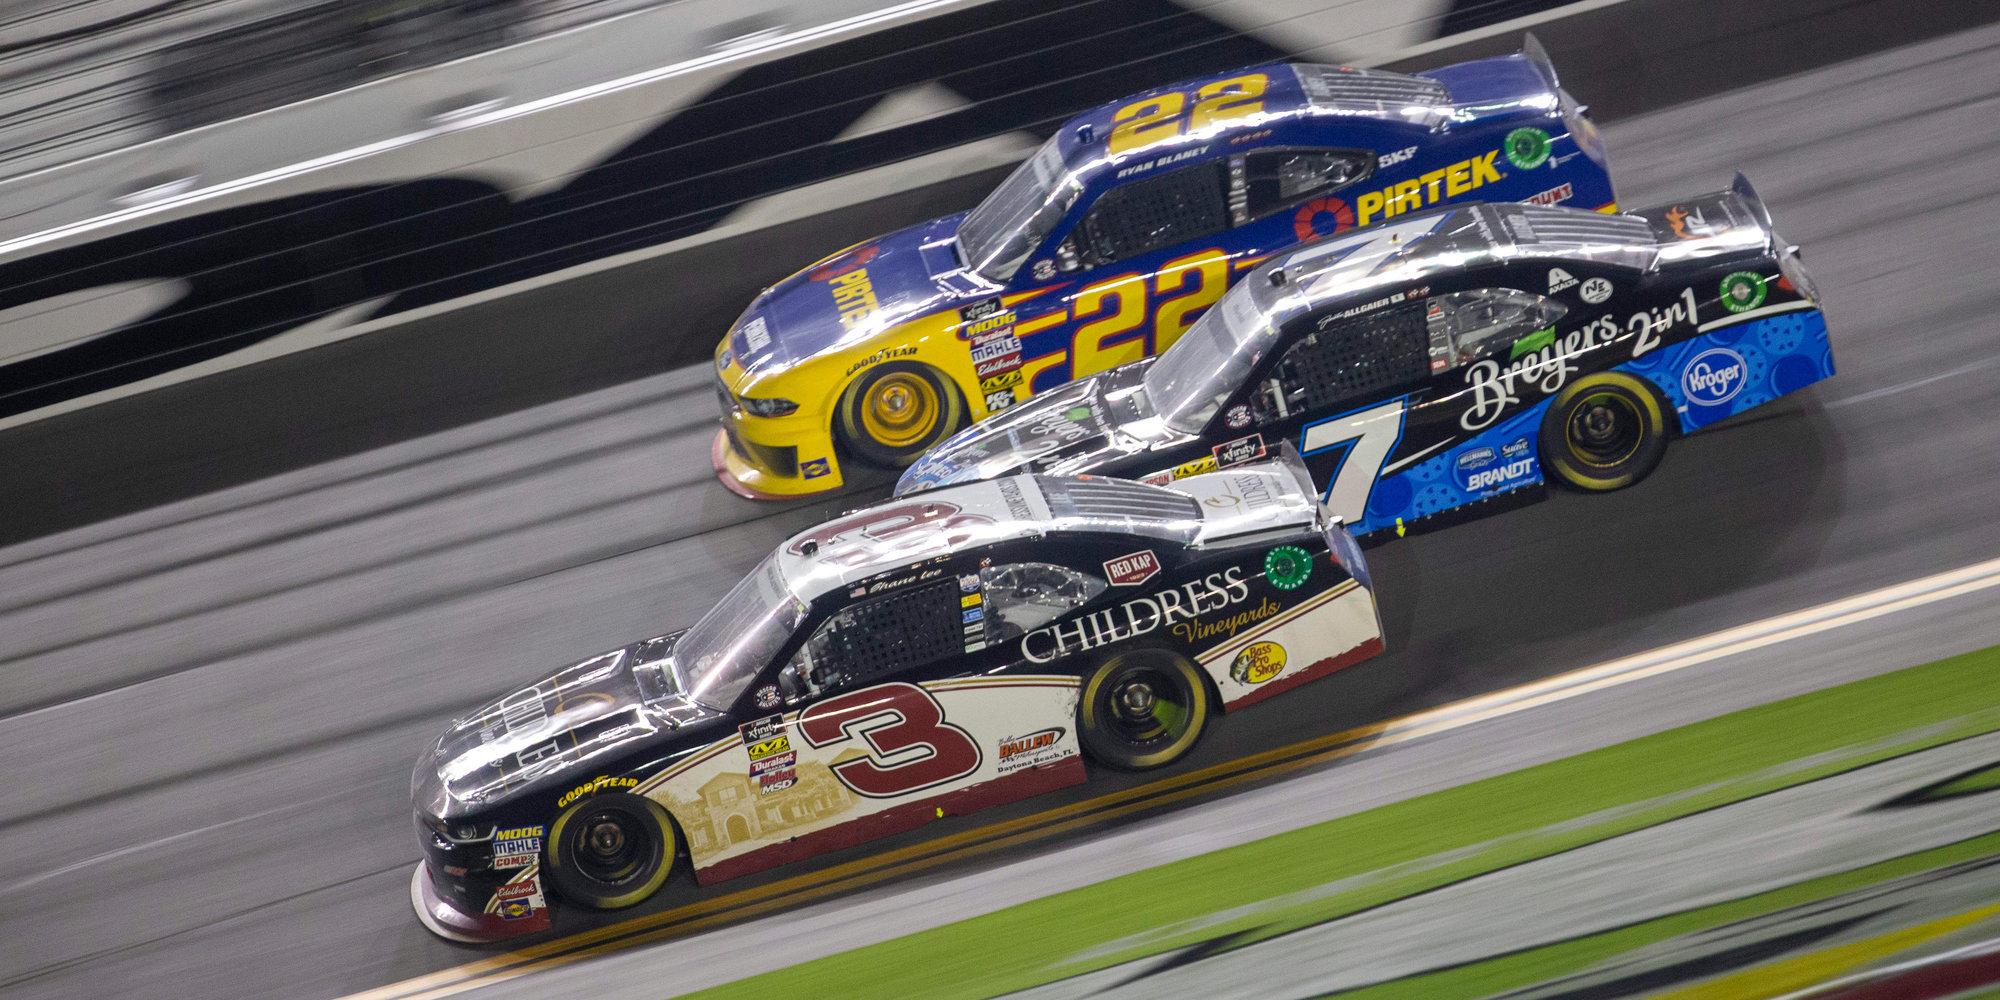 Более 20 машин попали в аварию на гонке NASCAR в США (видео)